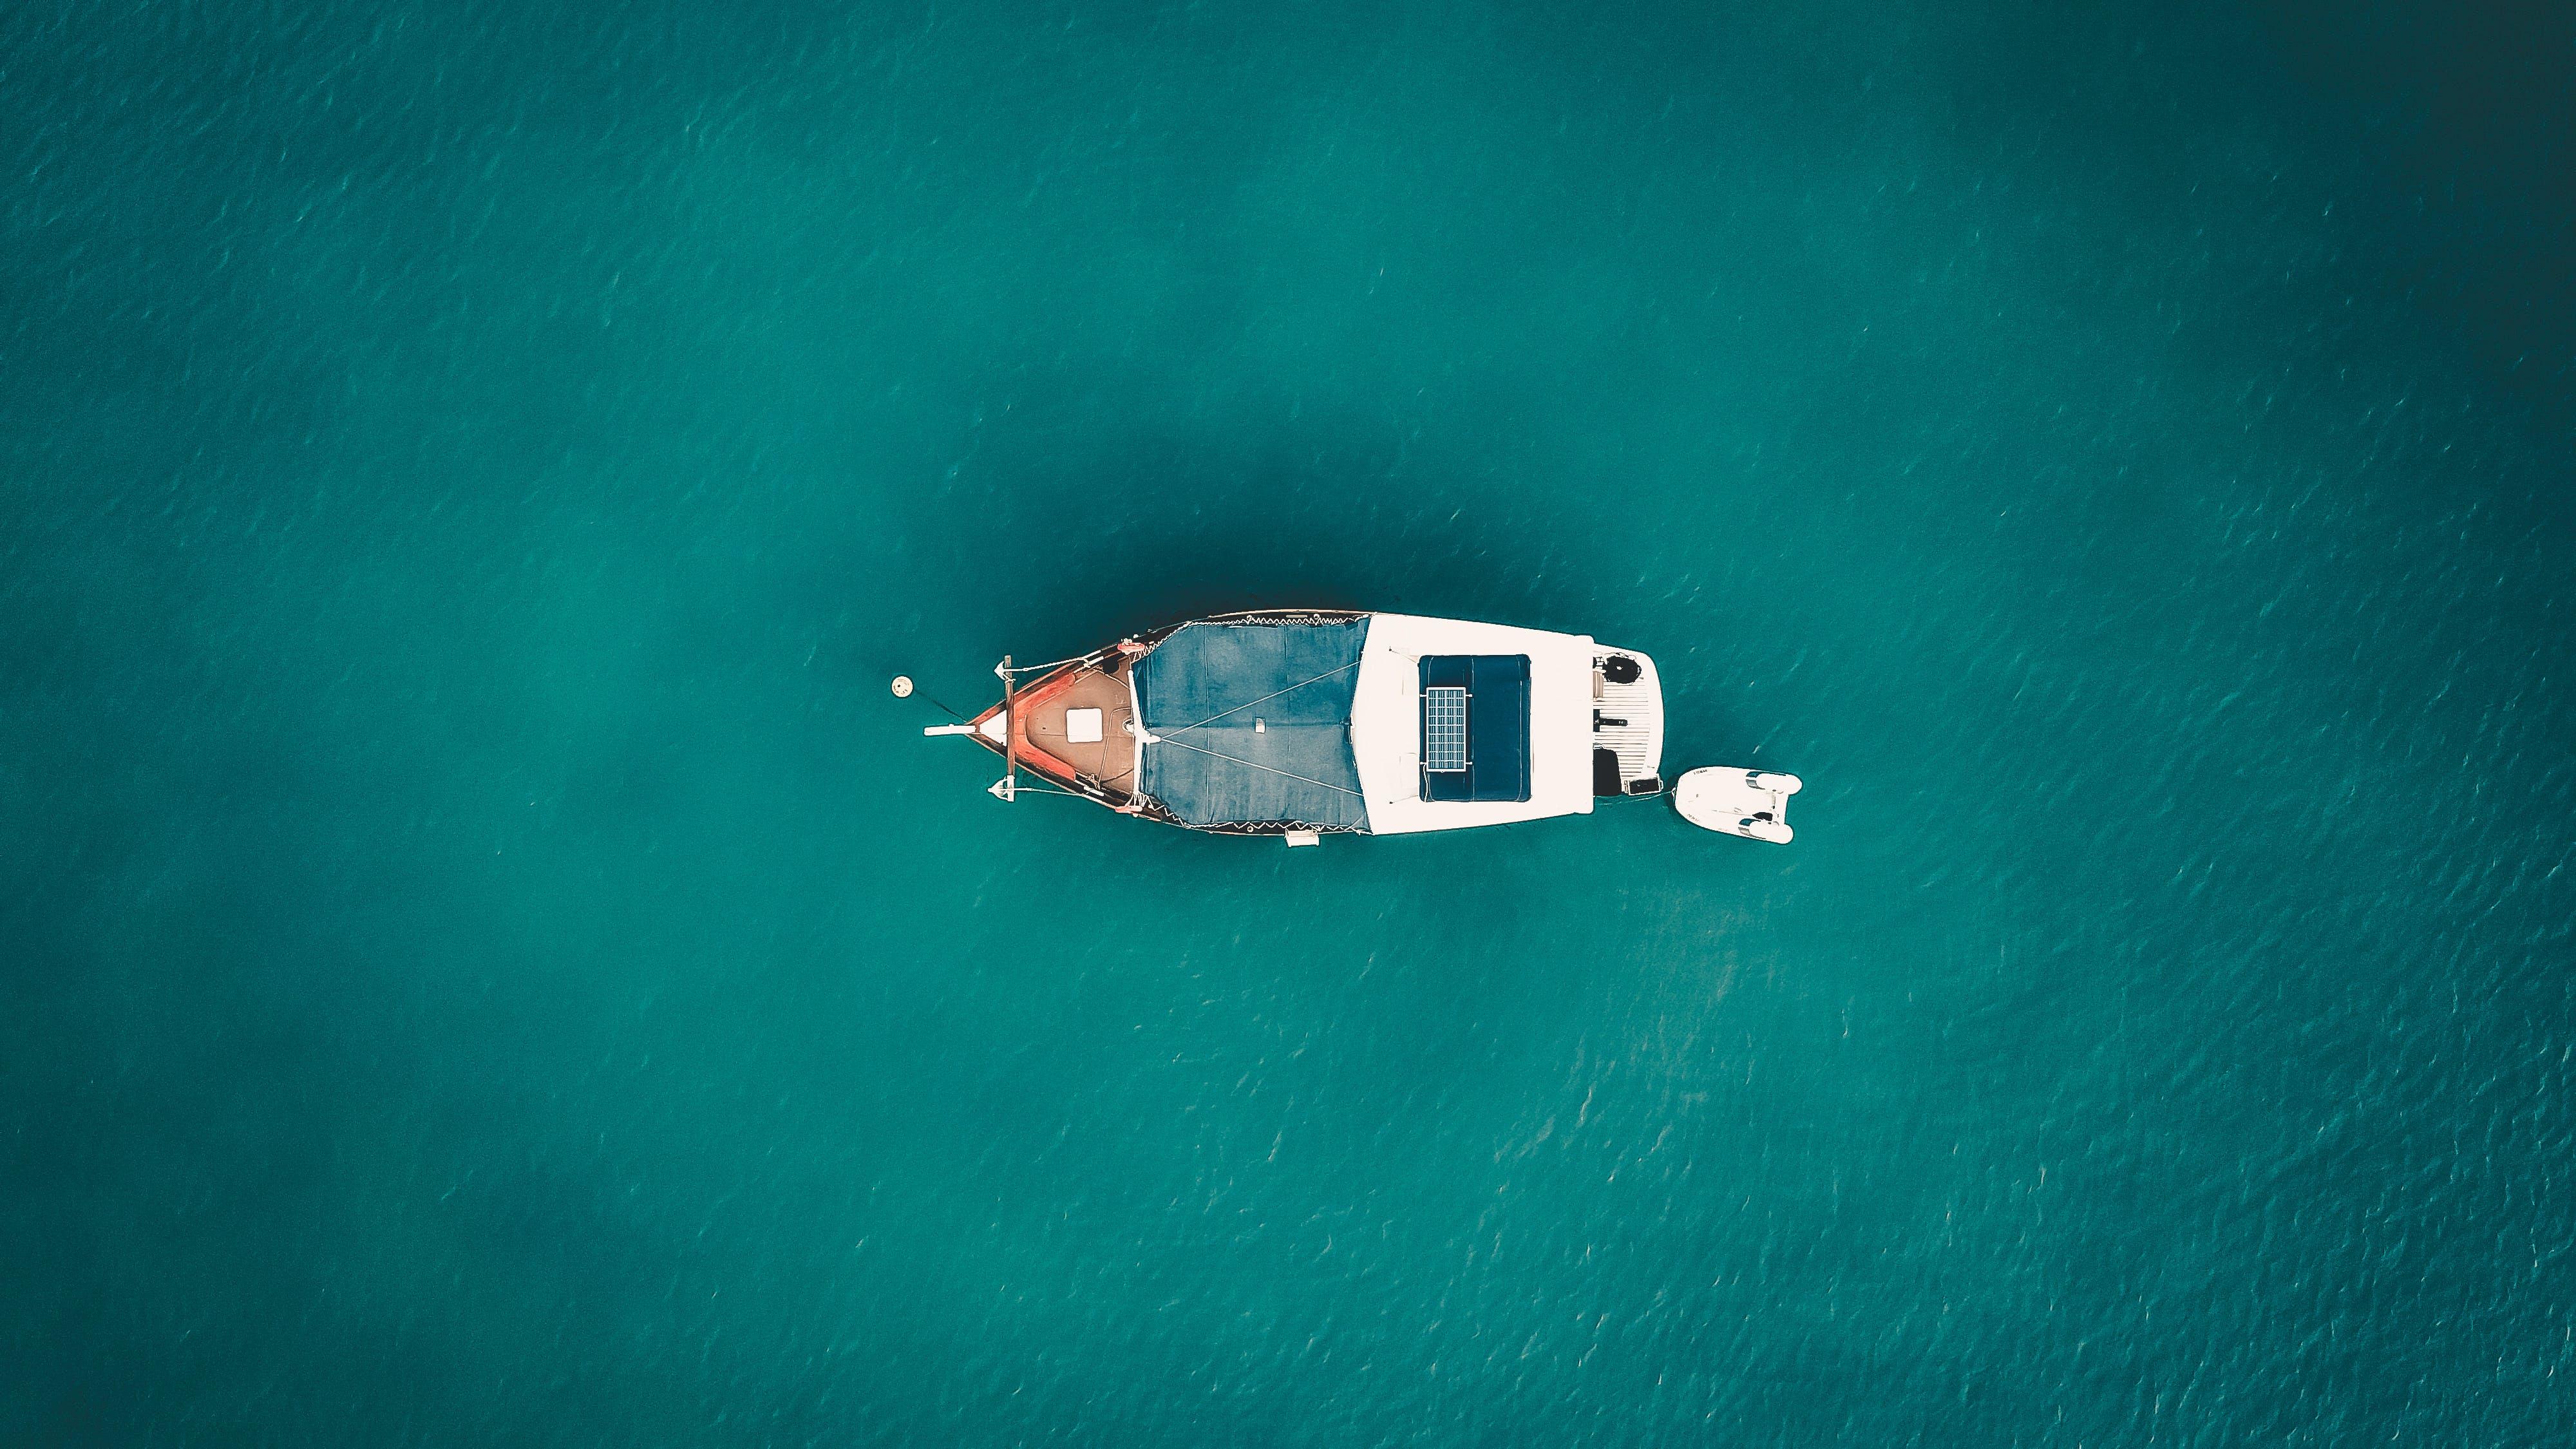 Foto d'estoc gratuïta de aigua, barques, busseig, embarcació d'aigua